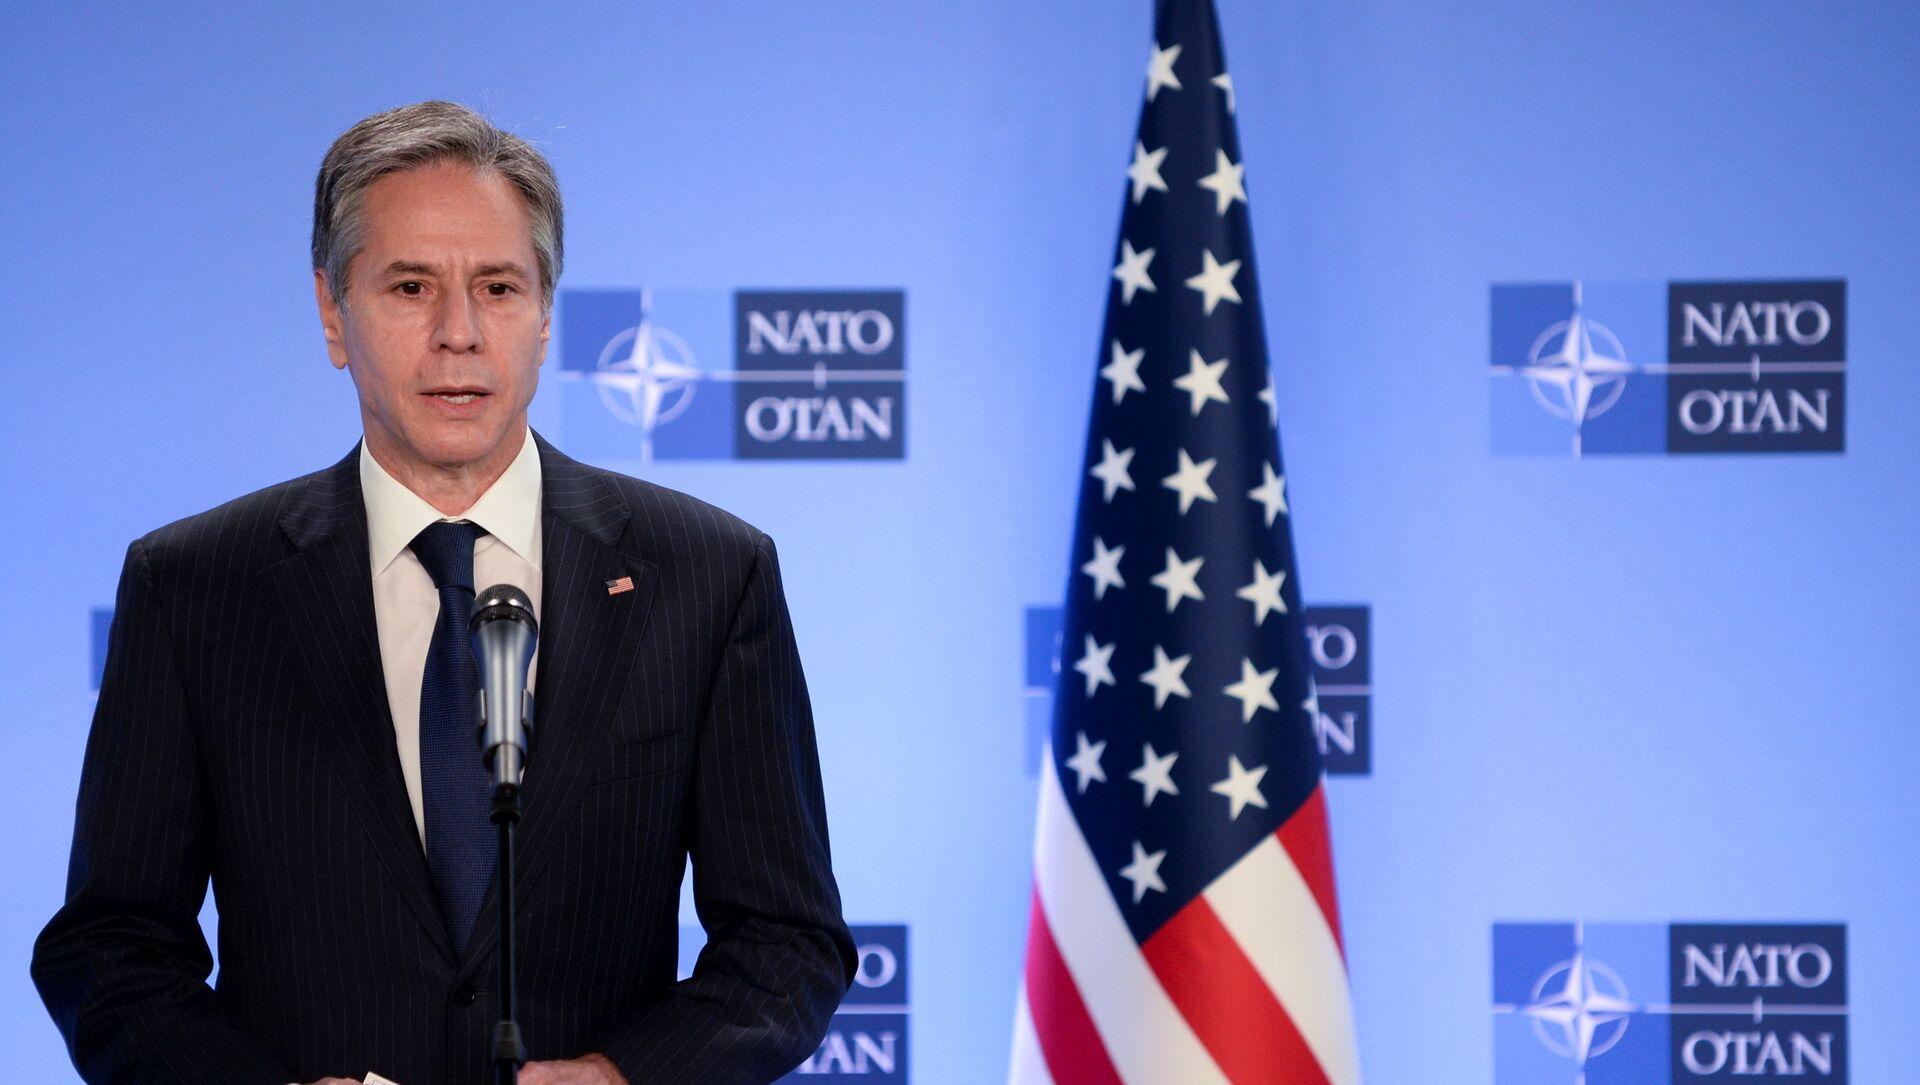 Brüksel'deki NATO karargahındaNATOGenel Sekreteri Jens Stoltenberg ile birlikte basın toplantısı düzenleyen ABD Dışişleri Bakanı Tony Blinken, Afganistan'dan çekilme açıklaması yaparken - Sputnik Türkiye, 1920, 14.04.2021